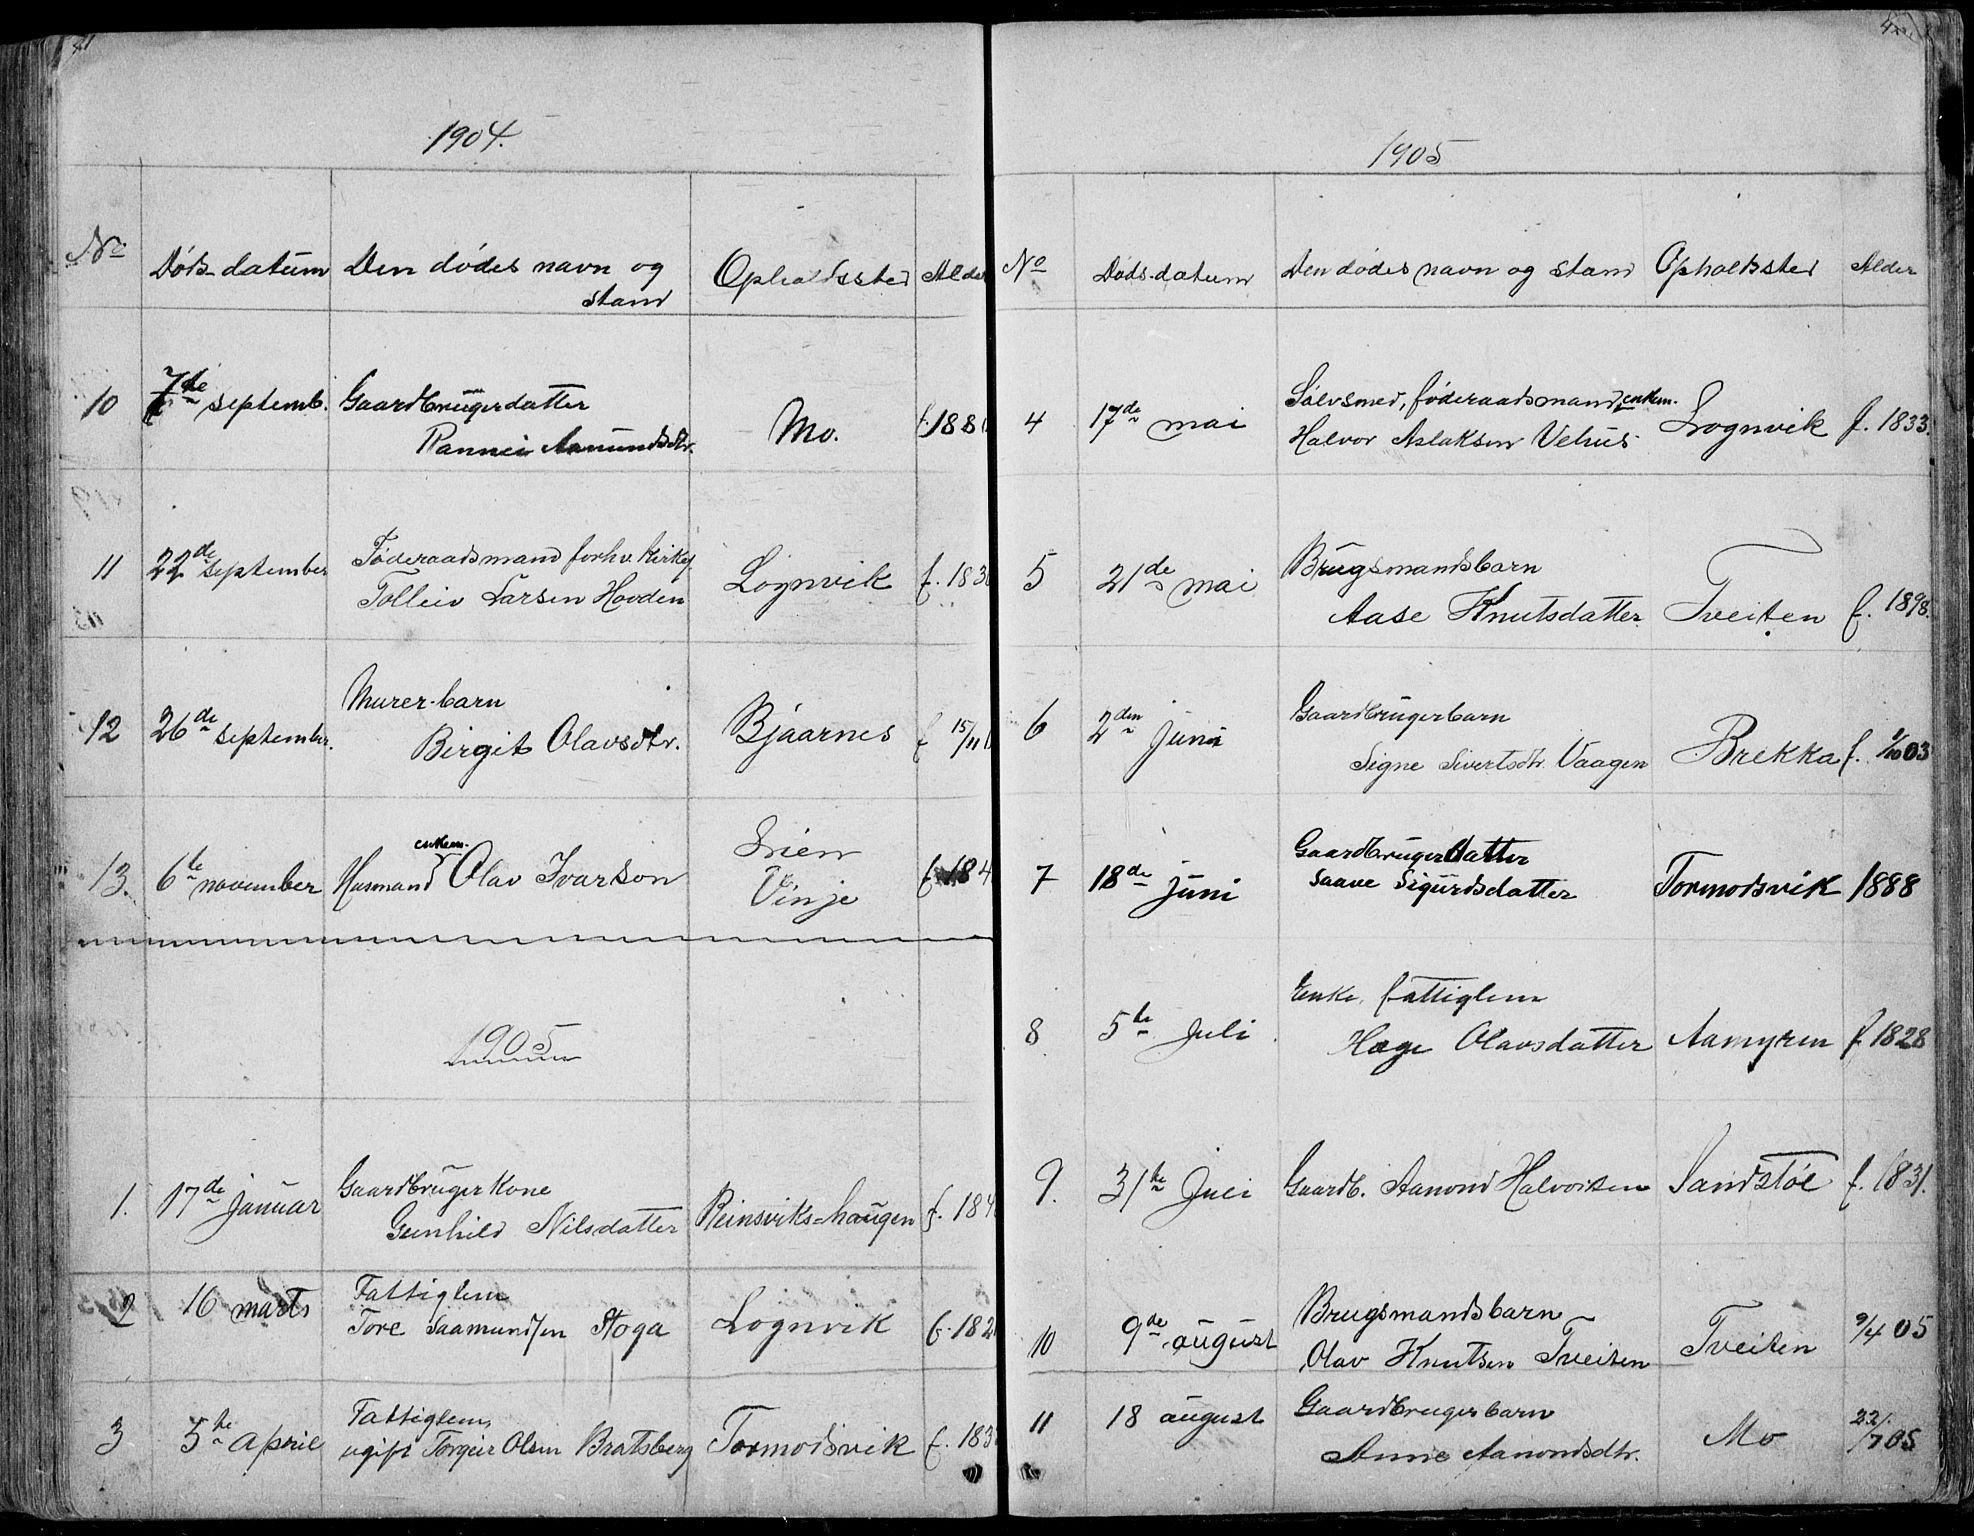 SAKO, Rauland kirkebøker, G/Ga/L0002: Klokkerbok nr. I 2, 1849-1935, s. 421-422